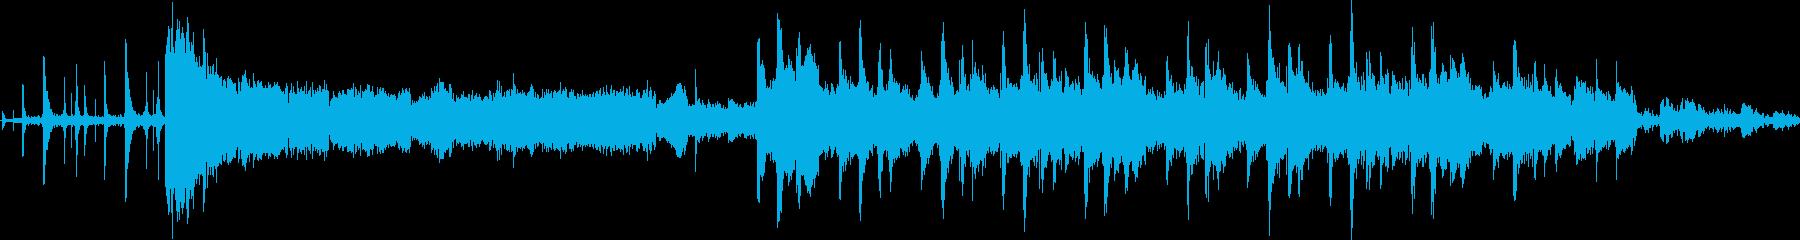 不気味にたたみかけるトランスサウンドの再生済みの波形